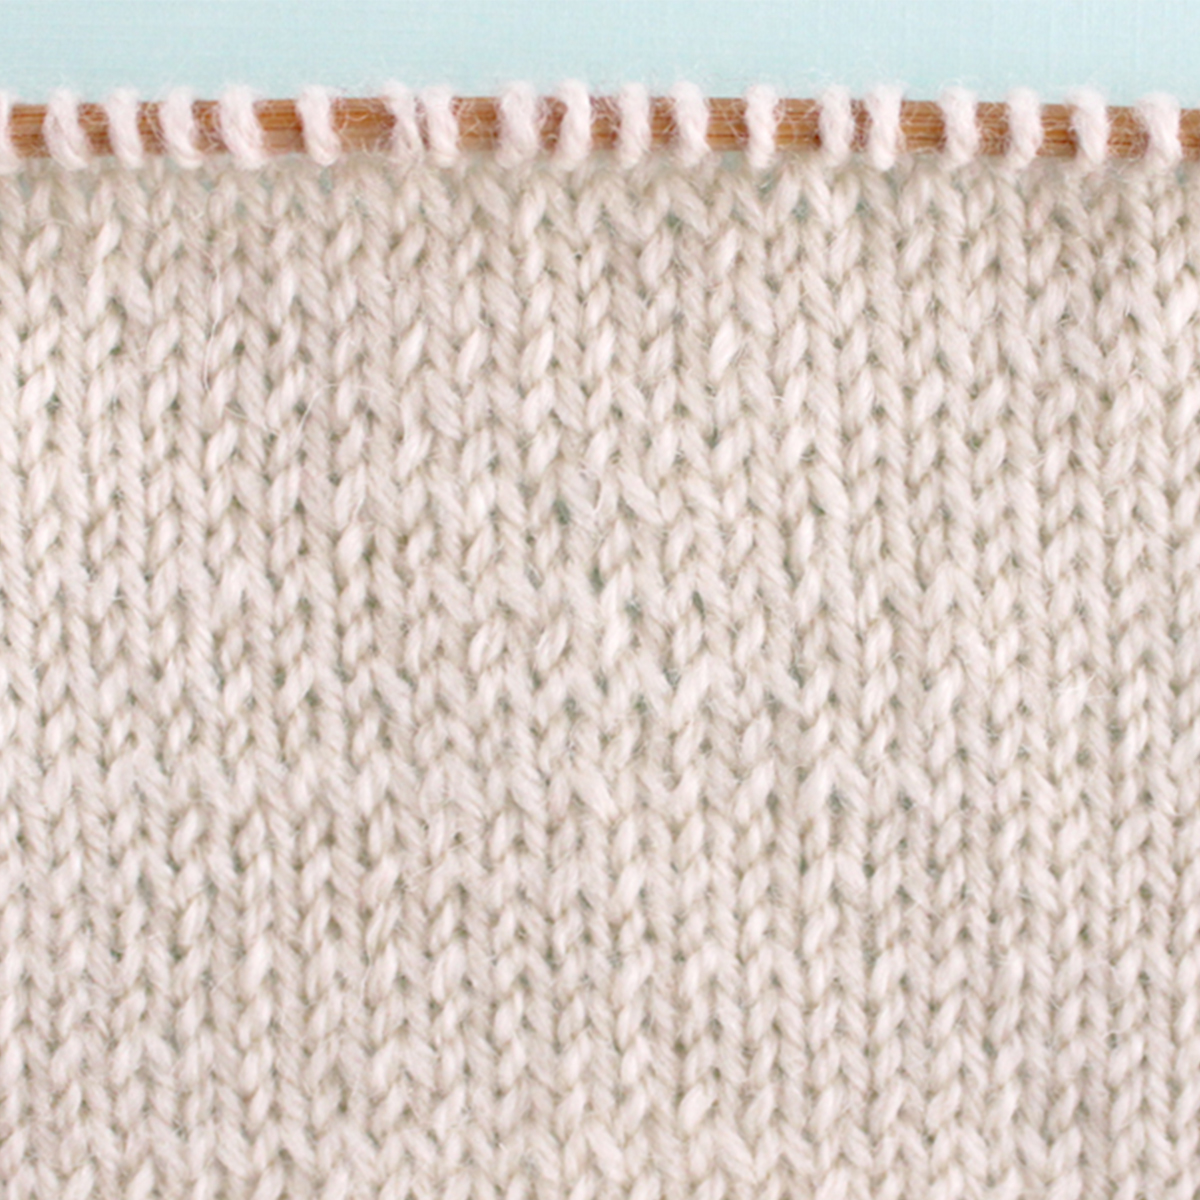 Stockinette pleteni uzorak uzorak tekstura u bijeloj boji pređe na igli za pletenje.